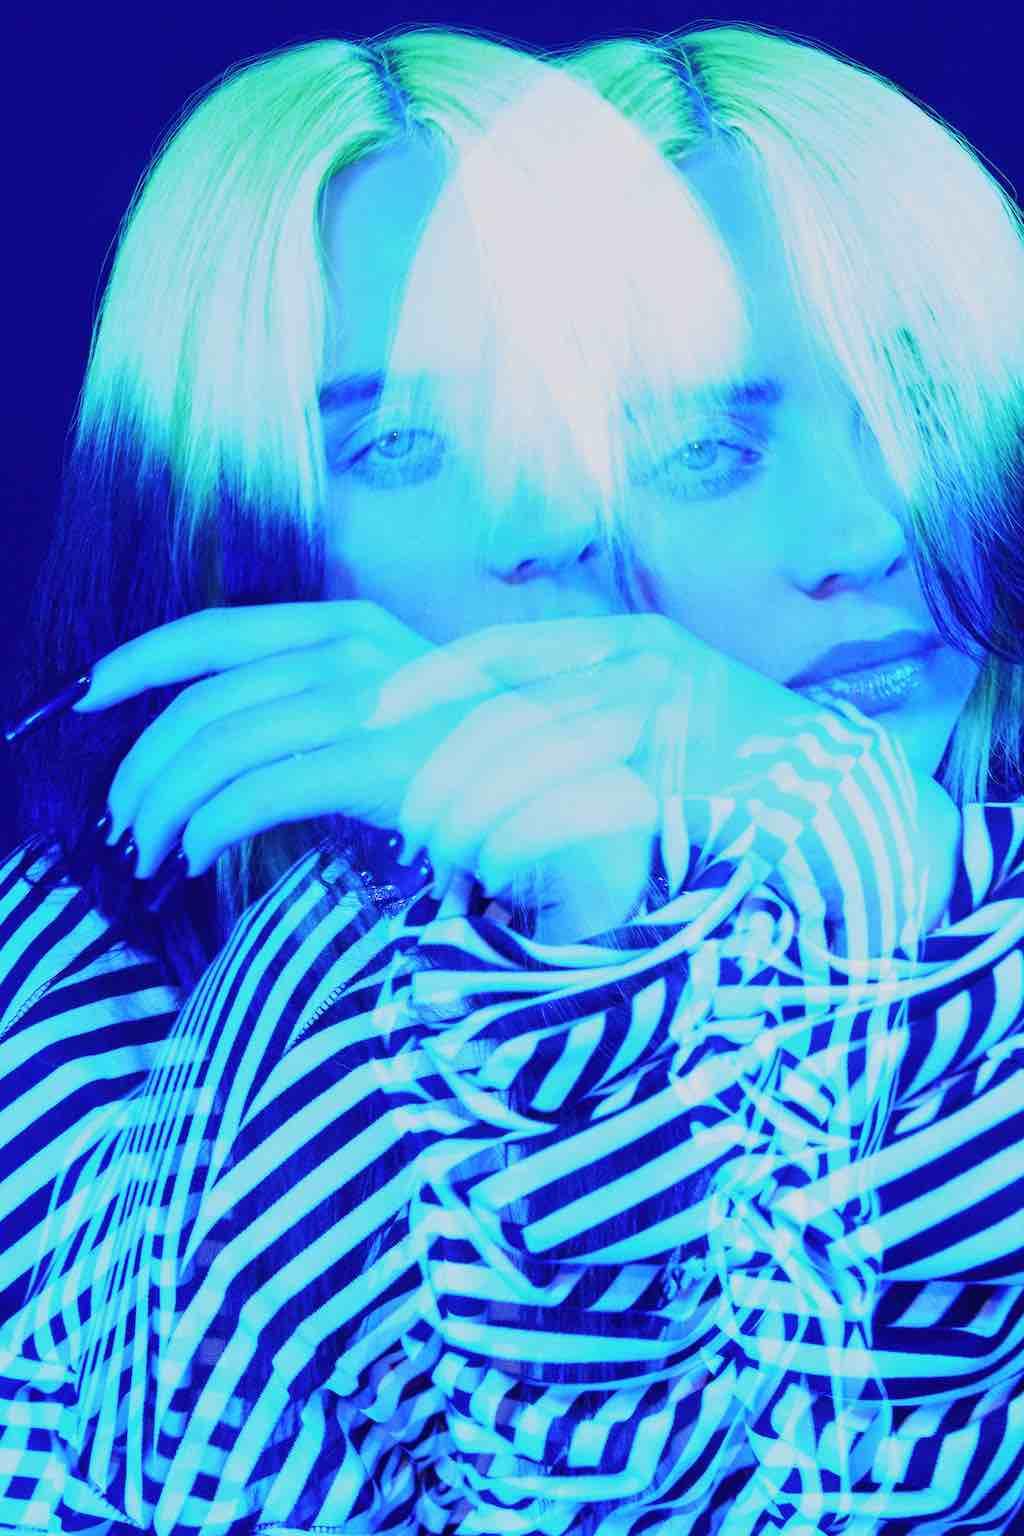 ビリー・アイリッシュ、5か月半ぶりの新曲「my future」配信開始!MVも同時公開!